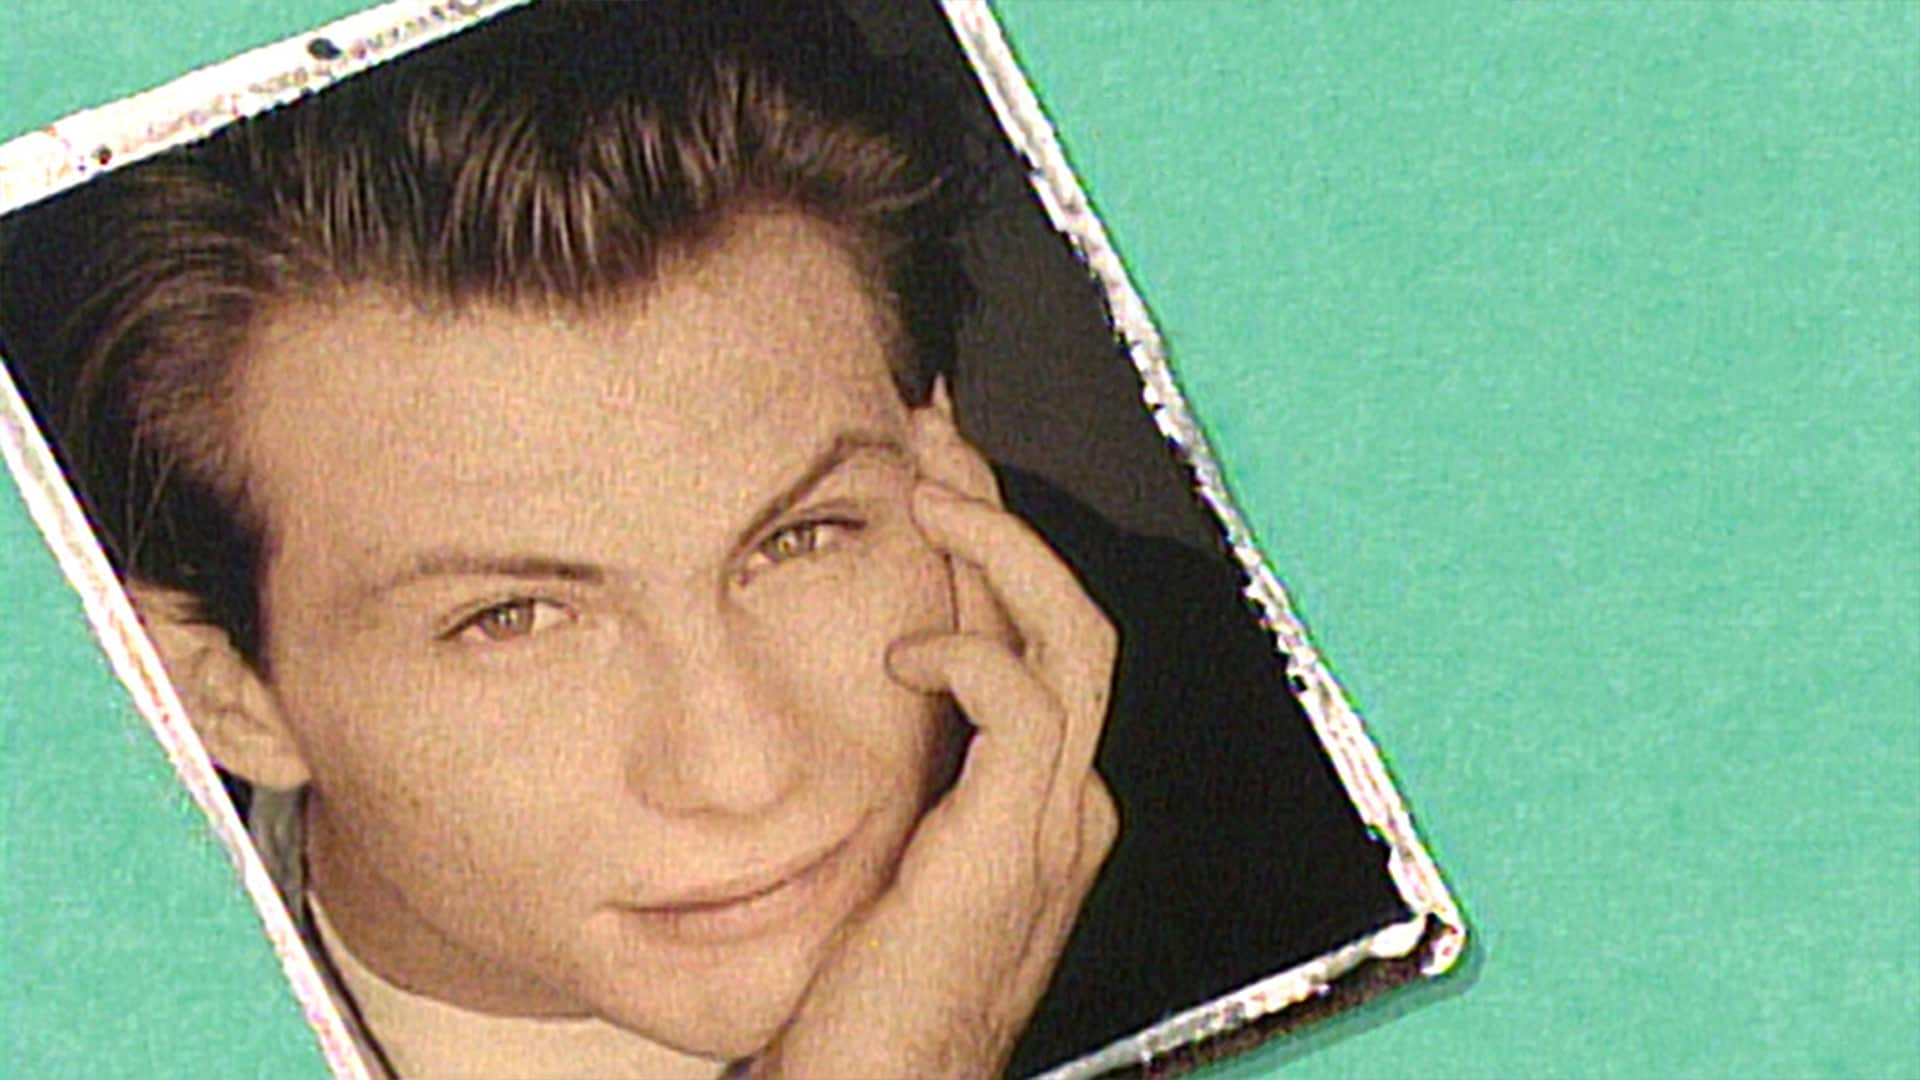 Christian Slater: October 26, 1991